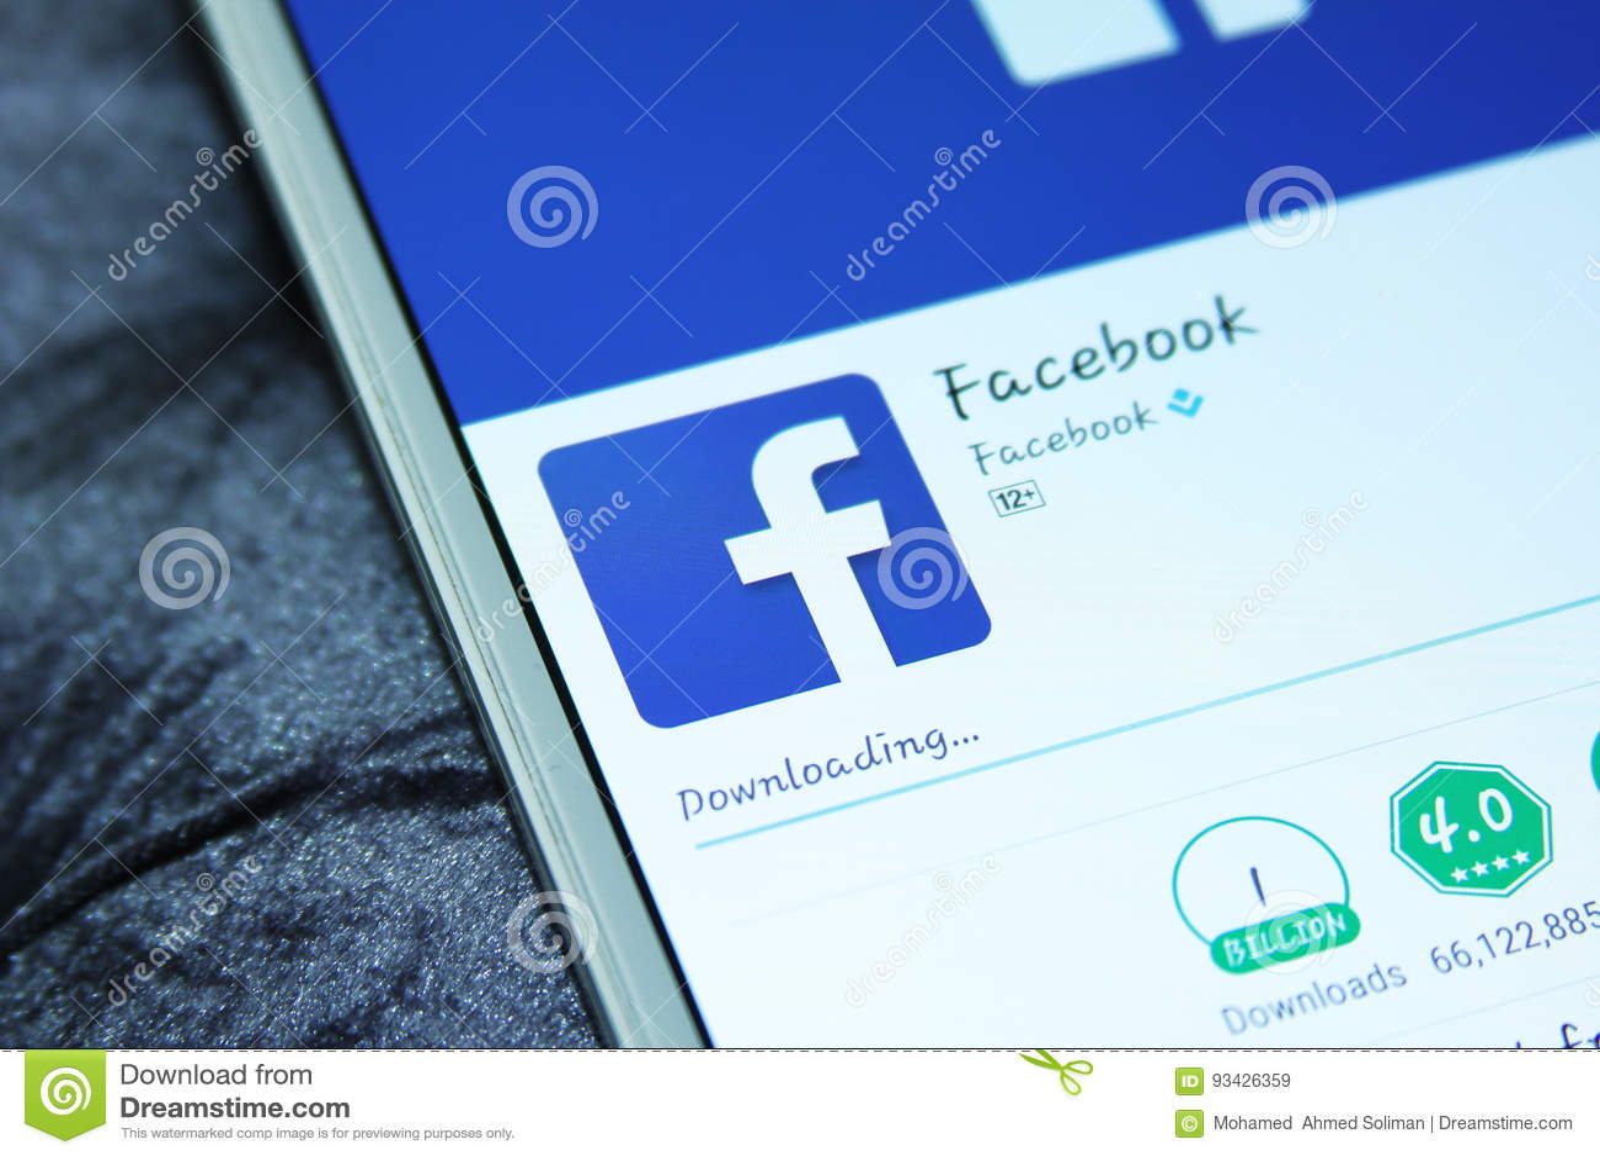 Facebook app download for samsung mobile